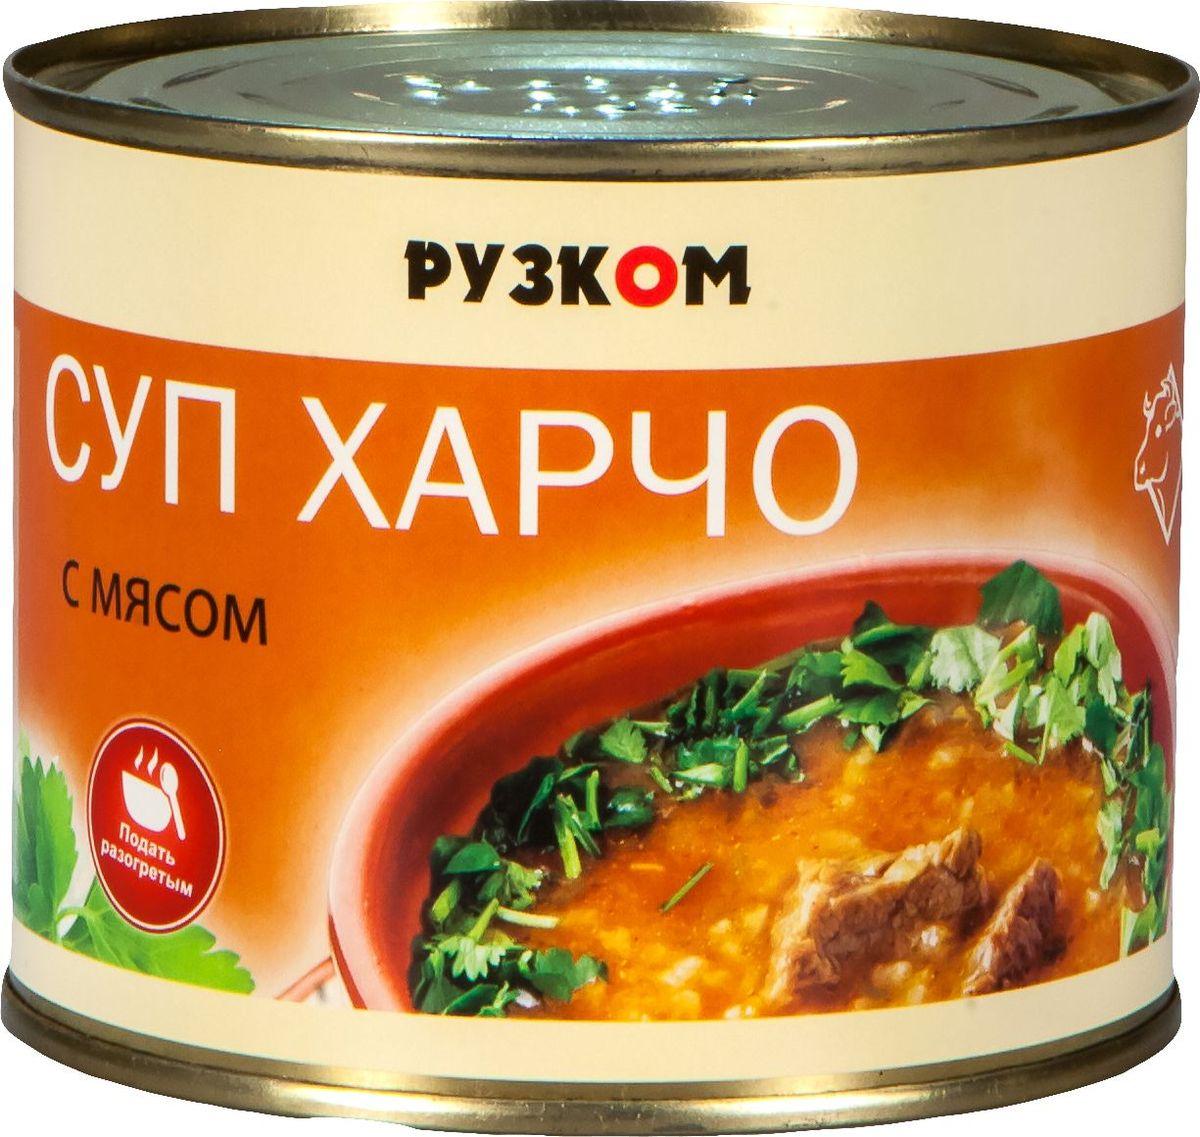 Рузком Суп харчо с мясом, 540 г готово суп гороховый 250 г